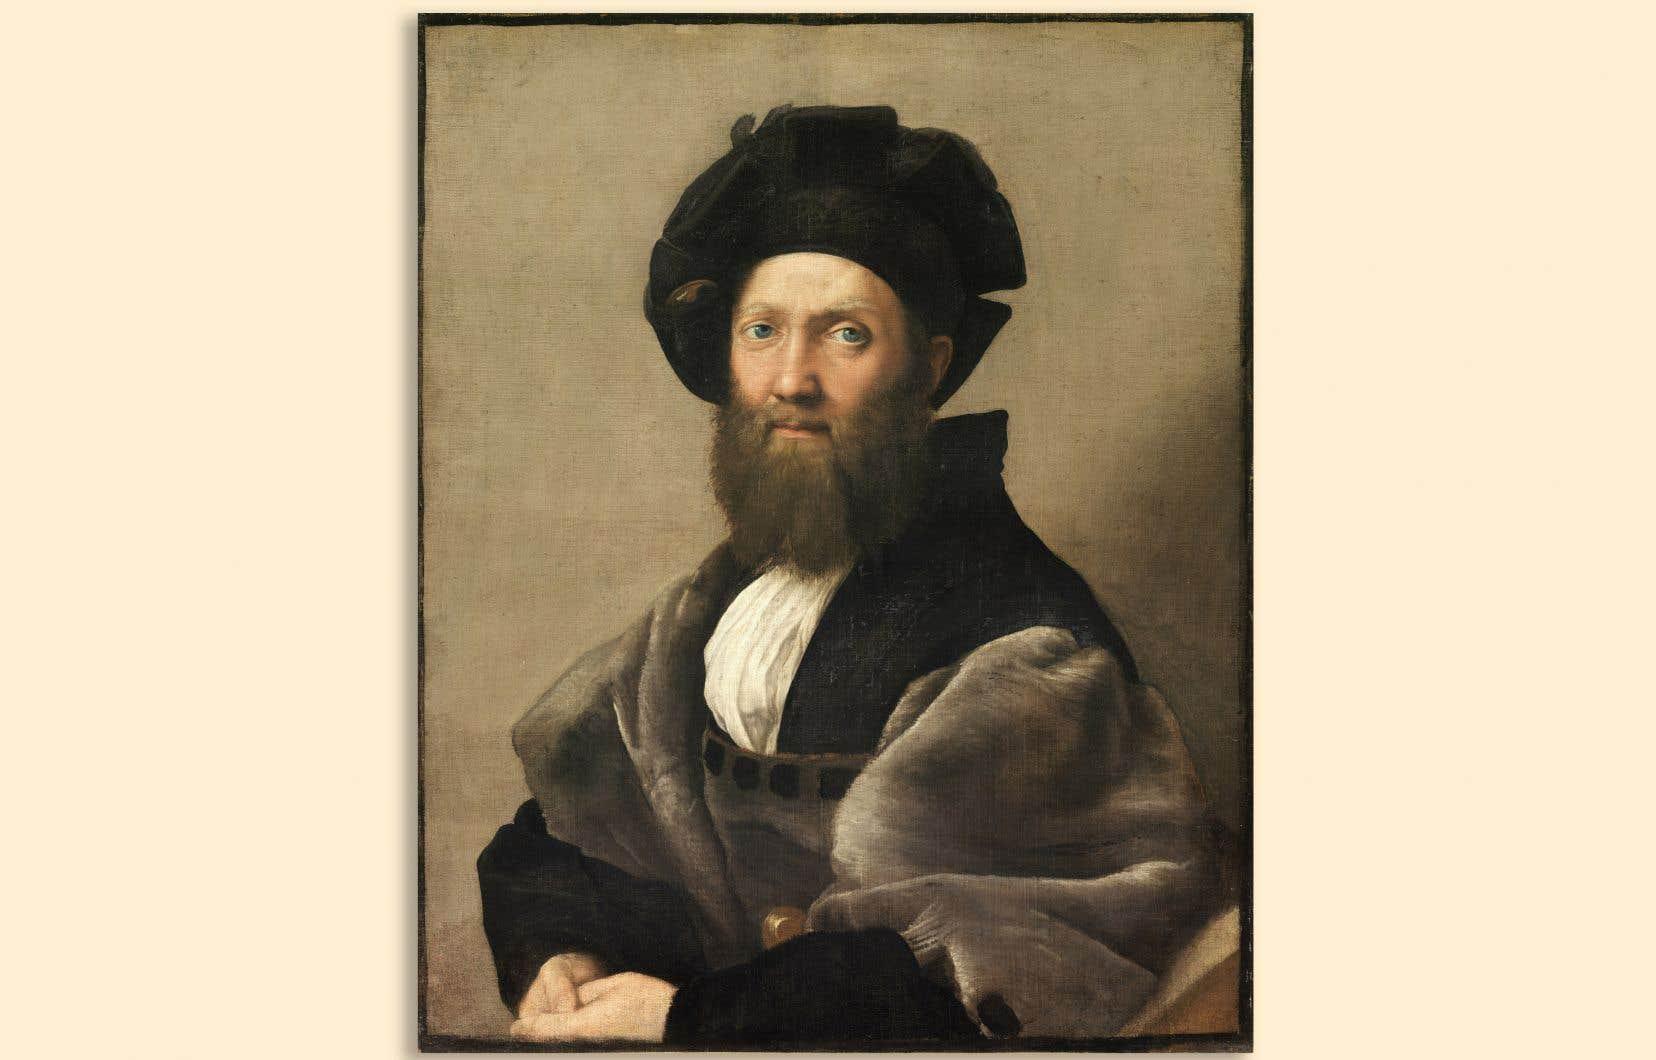 Portrait de Baldassare Castiglione par Raphaël, probablement à l'hiver 1514-1515